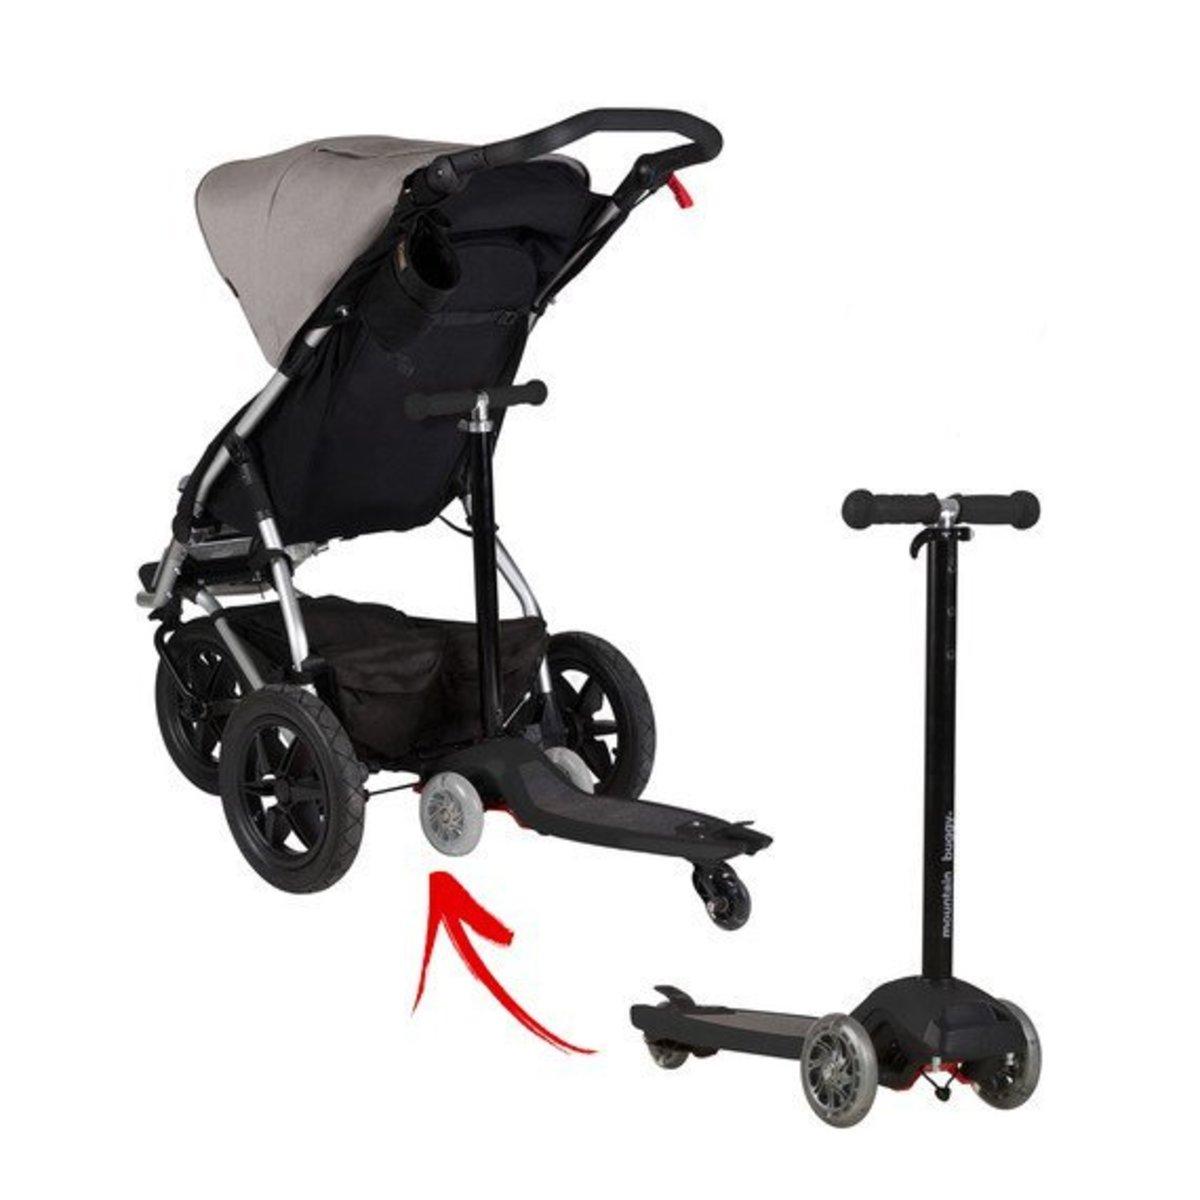 嬰兒推車板及通用連接器 (黑色)